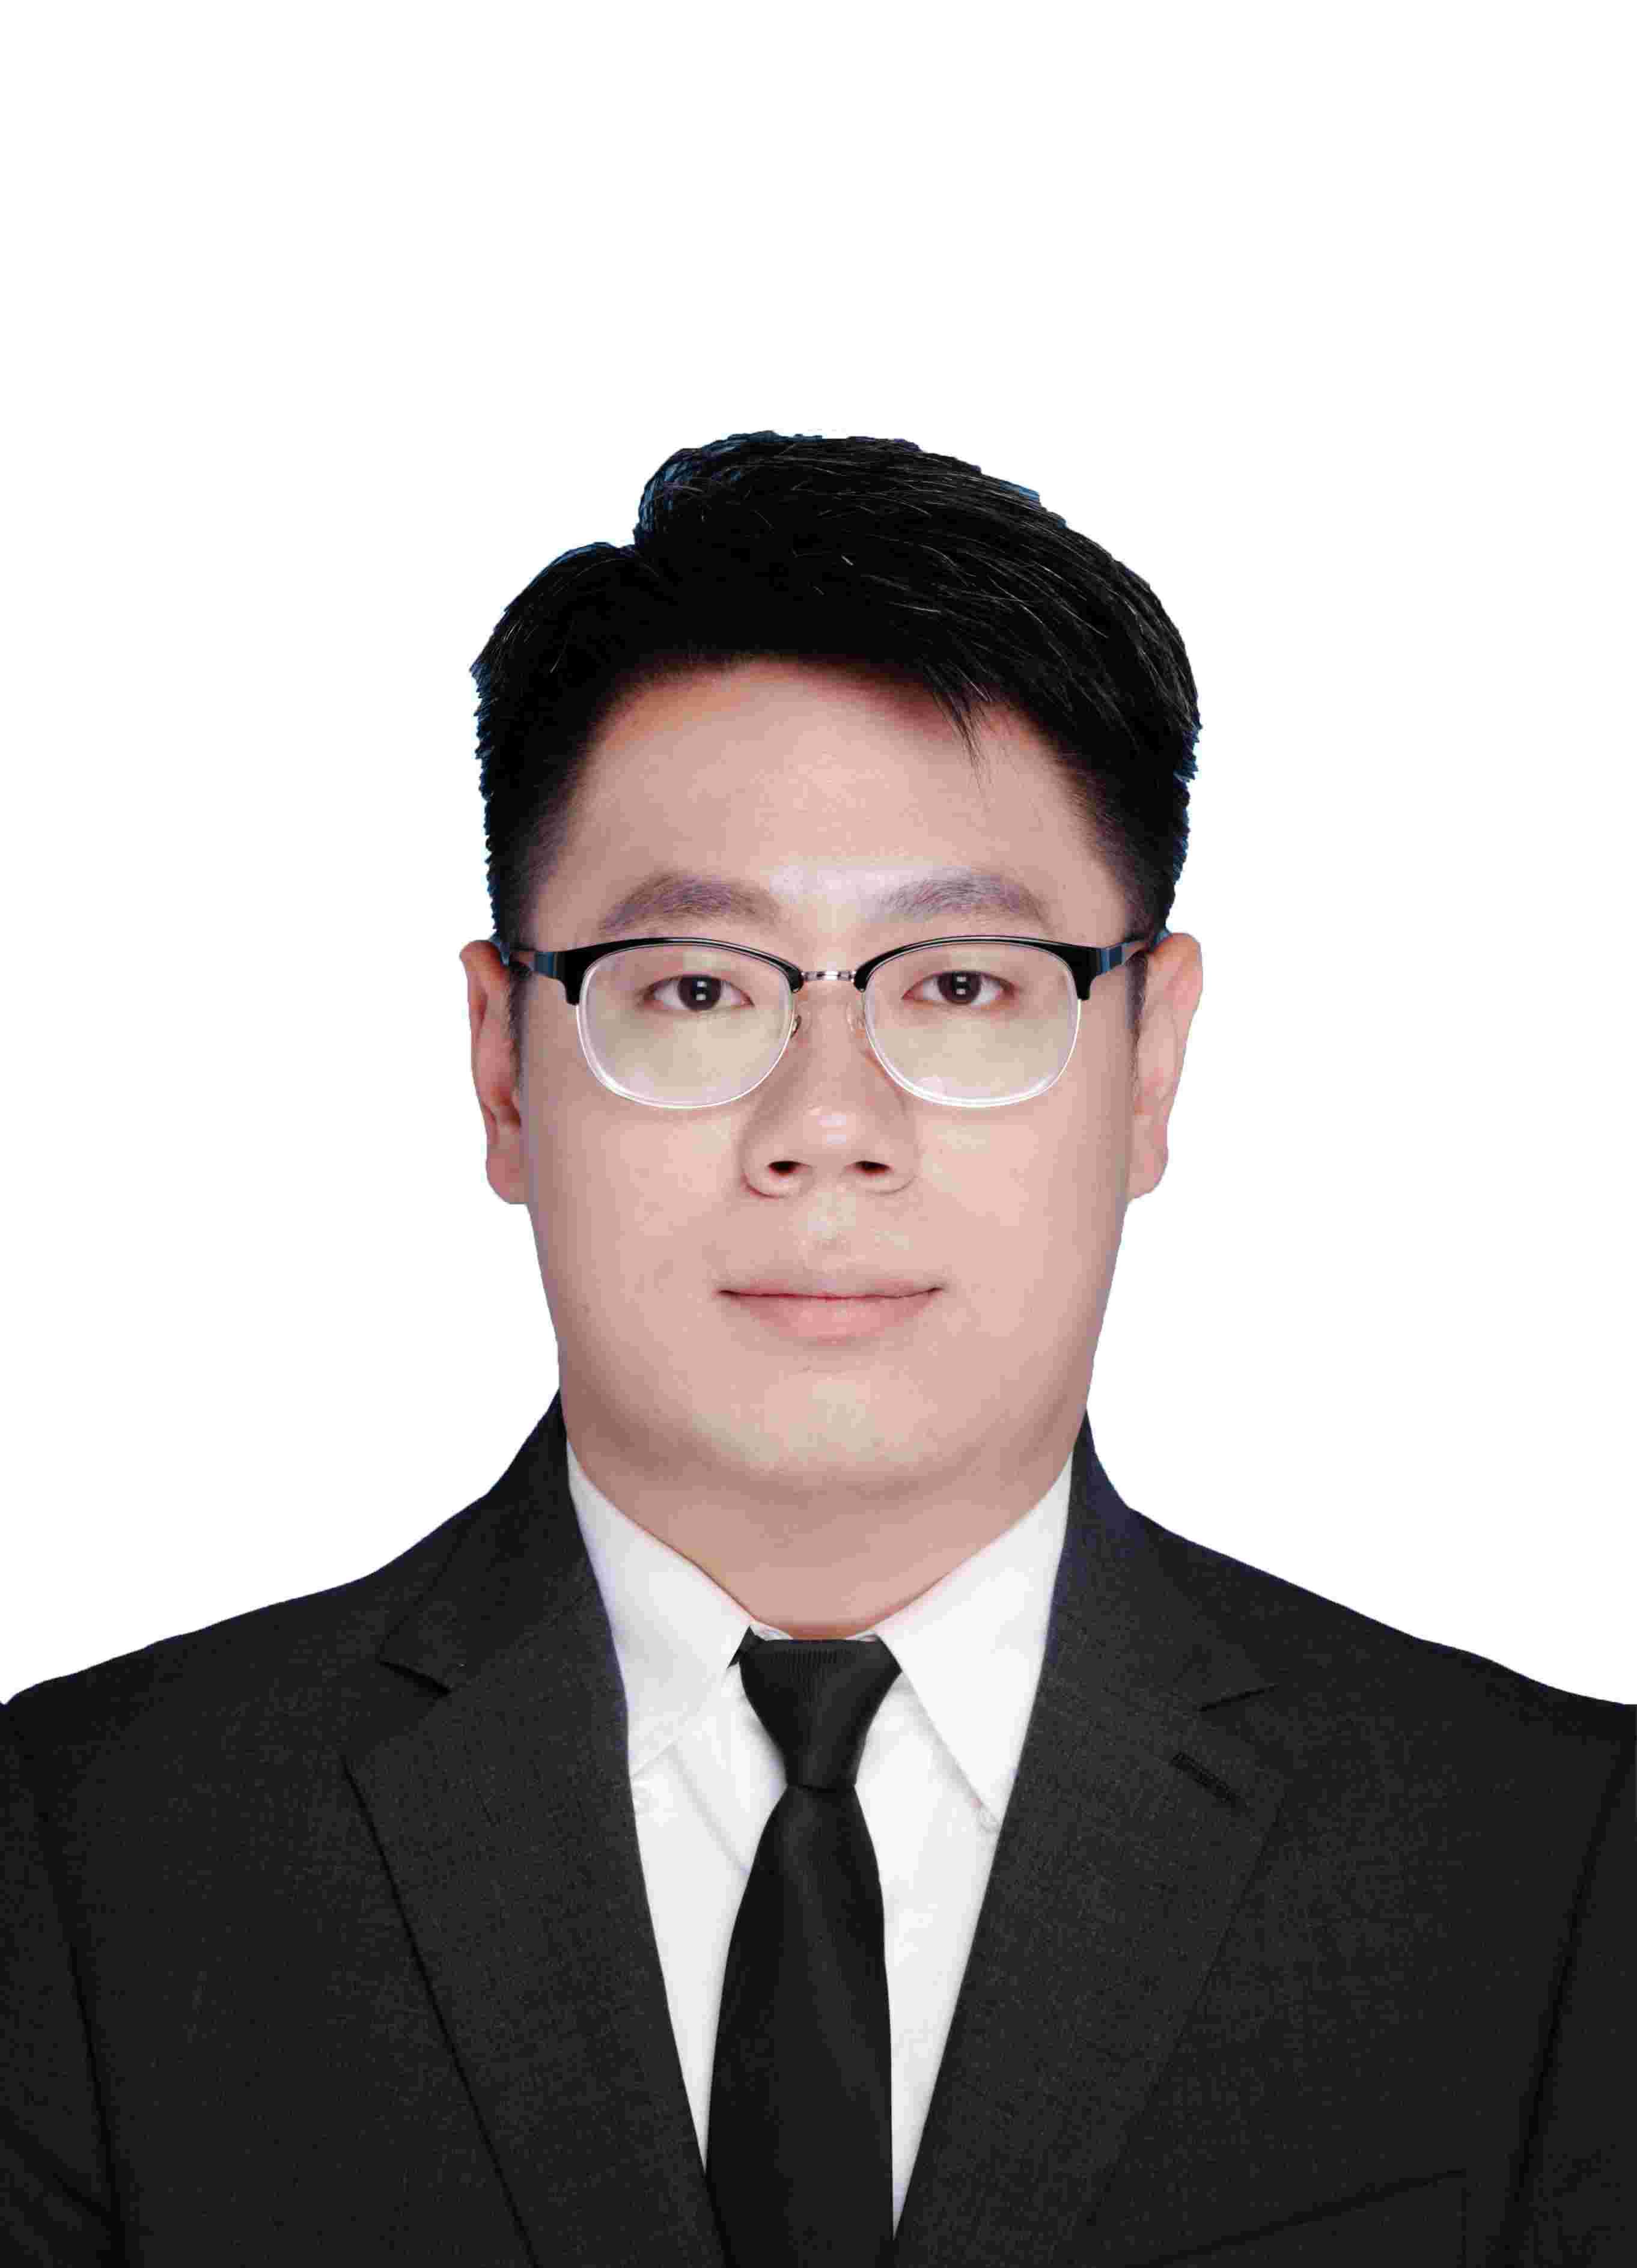 上海家教翟老師